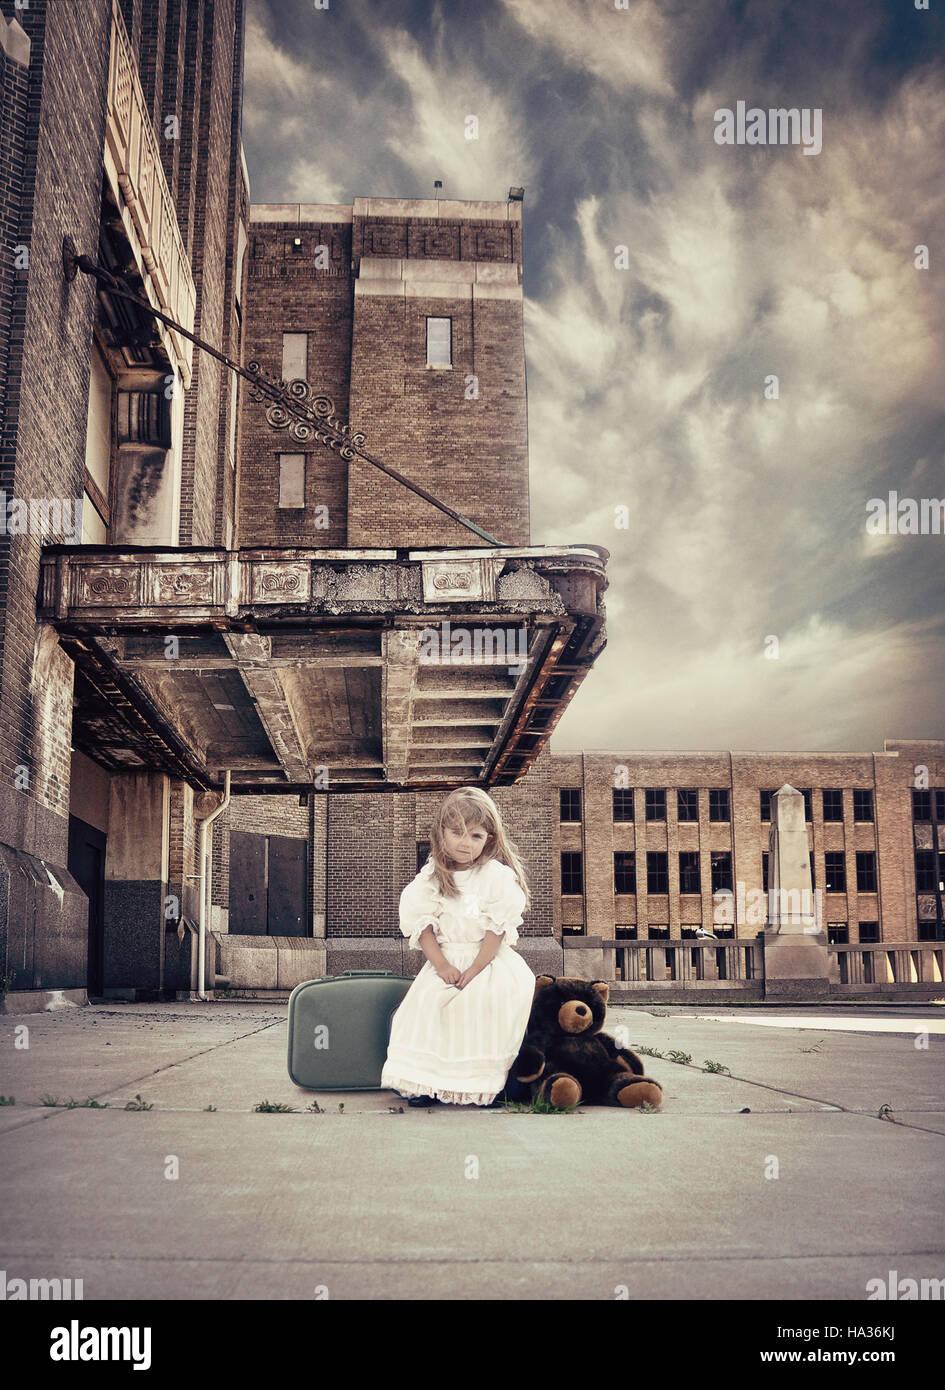 Ein kleines Kind sitzt auf einem Reise-Koffer durch ein altes Gebäude mit Teddy Bär neben ihr für Stockbild